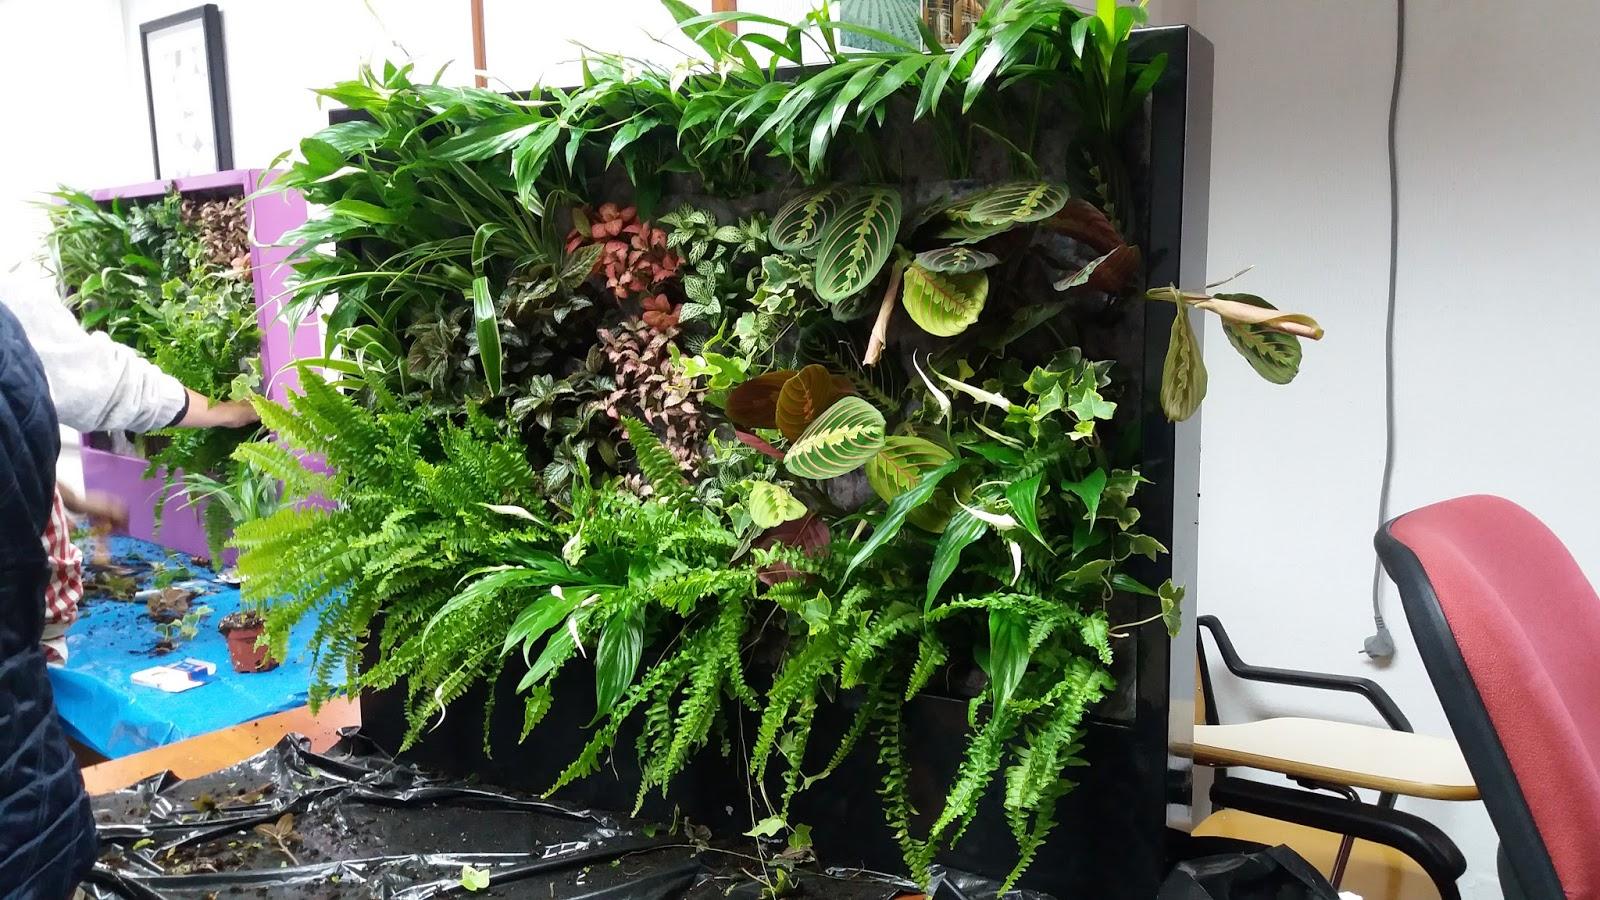 Jardines verticales y cubiertas vegetales for Jardines verticales